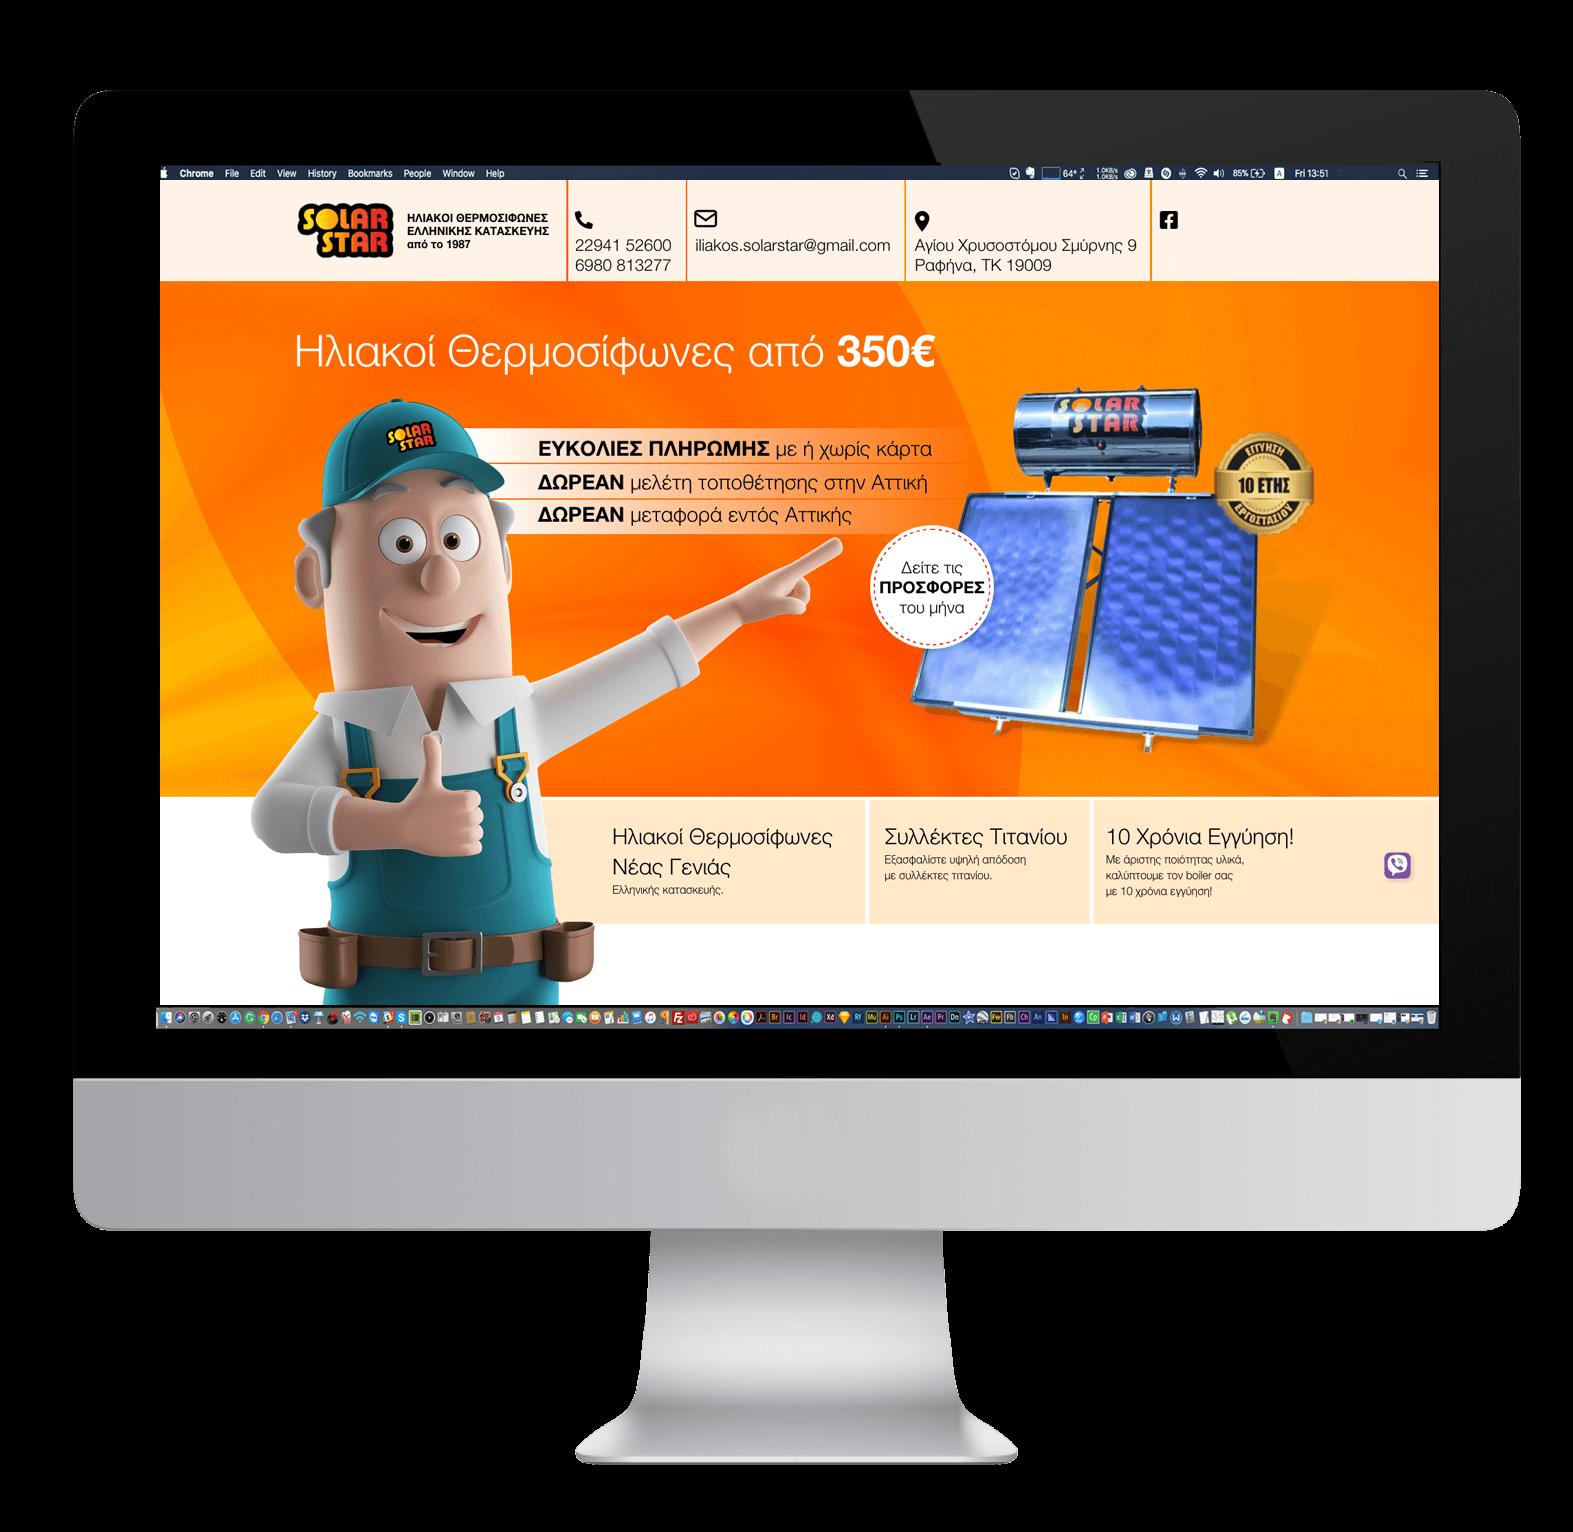 upcominds WEBimage SolarStar